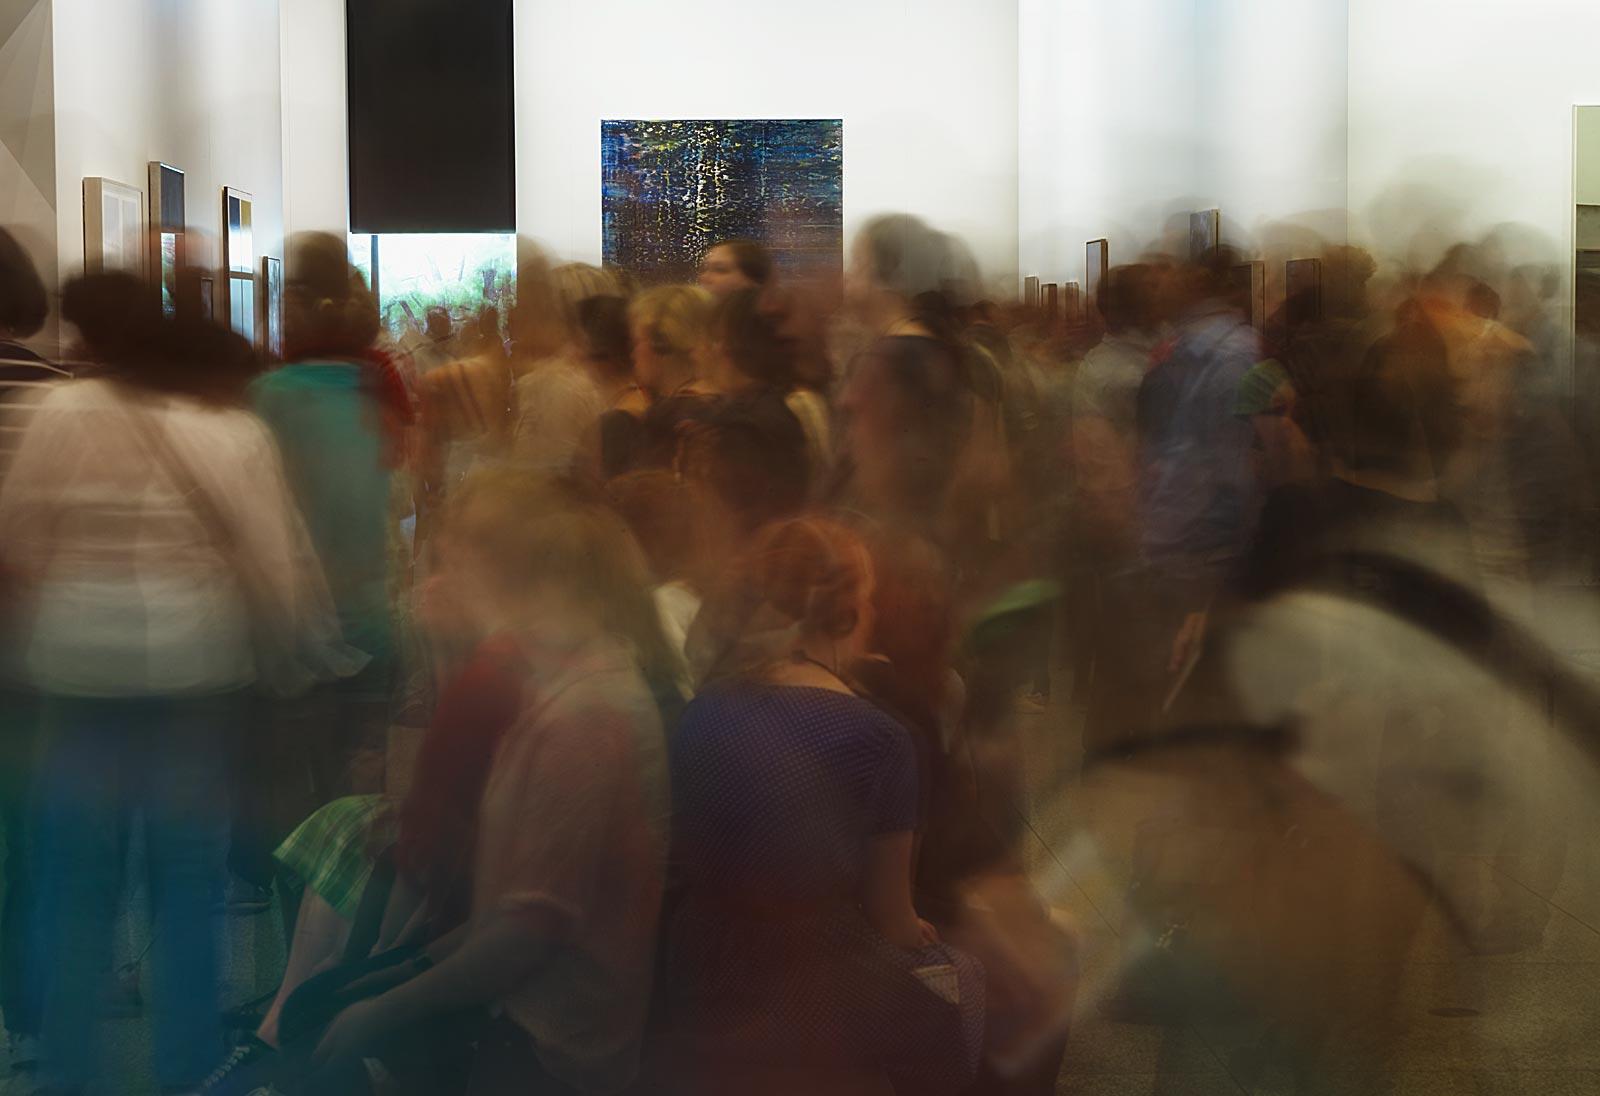 Neue Nationalgalerie, Berlin (16.11 - 16.13 Uhr, 10.5.2012)